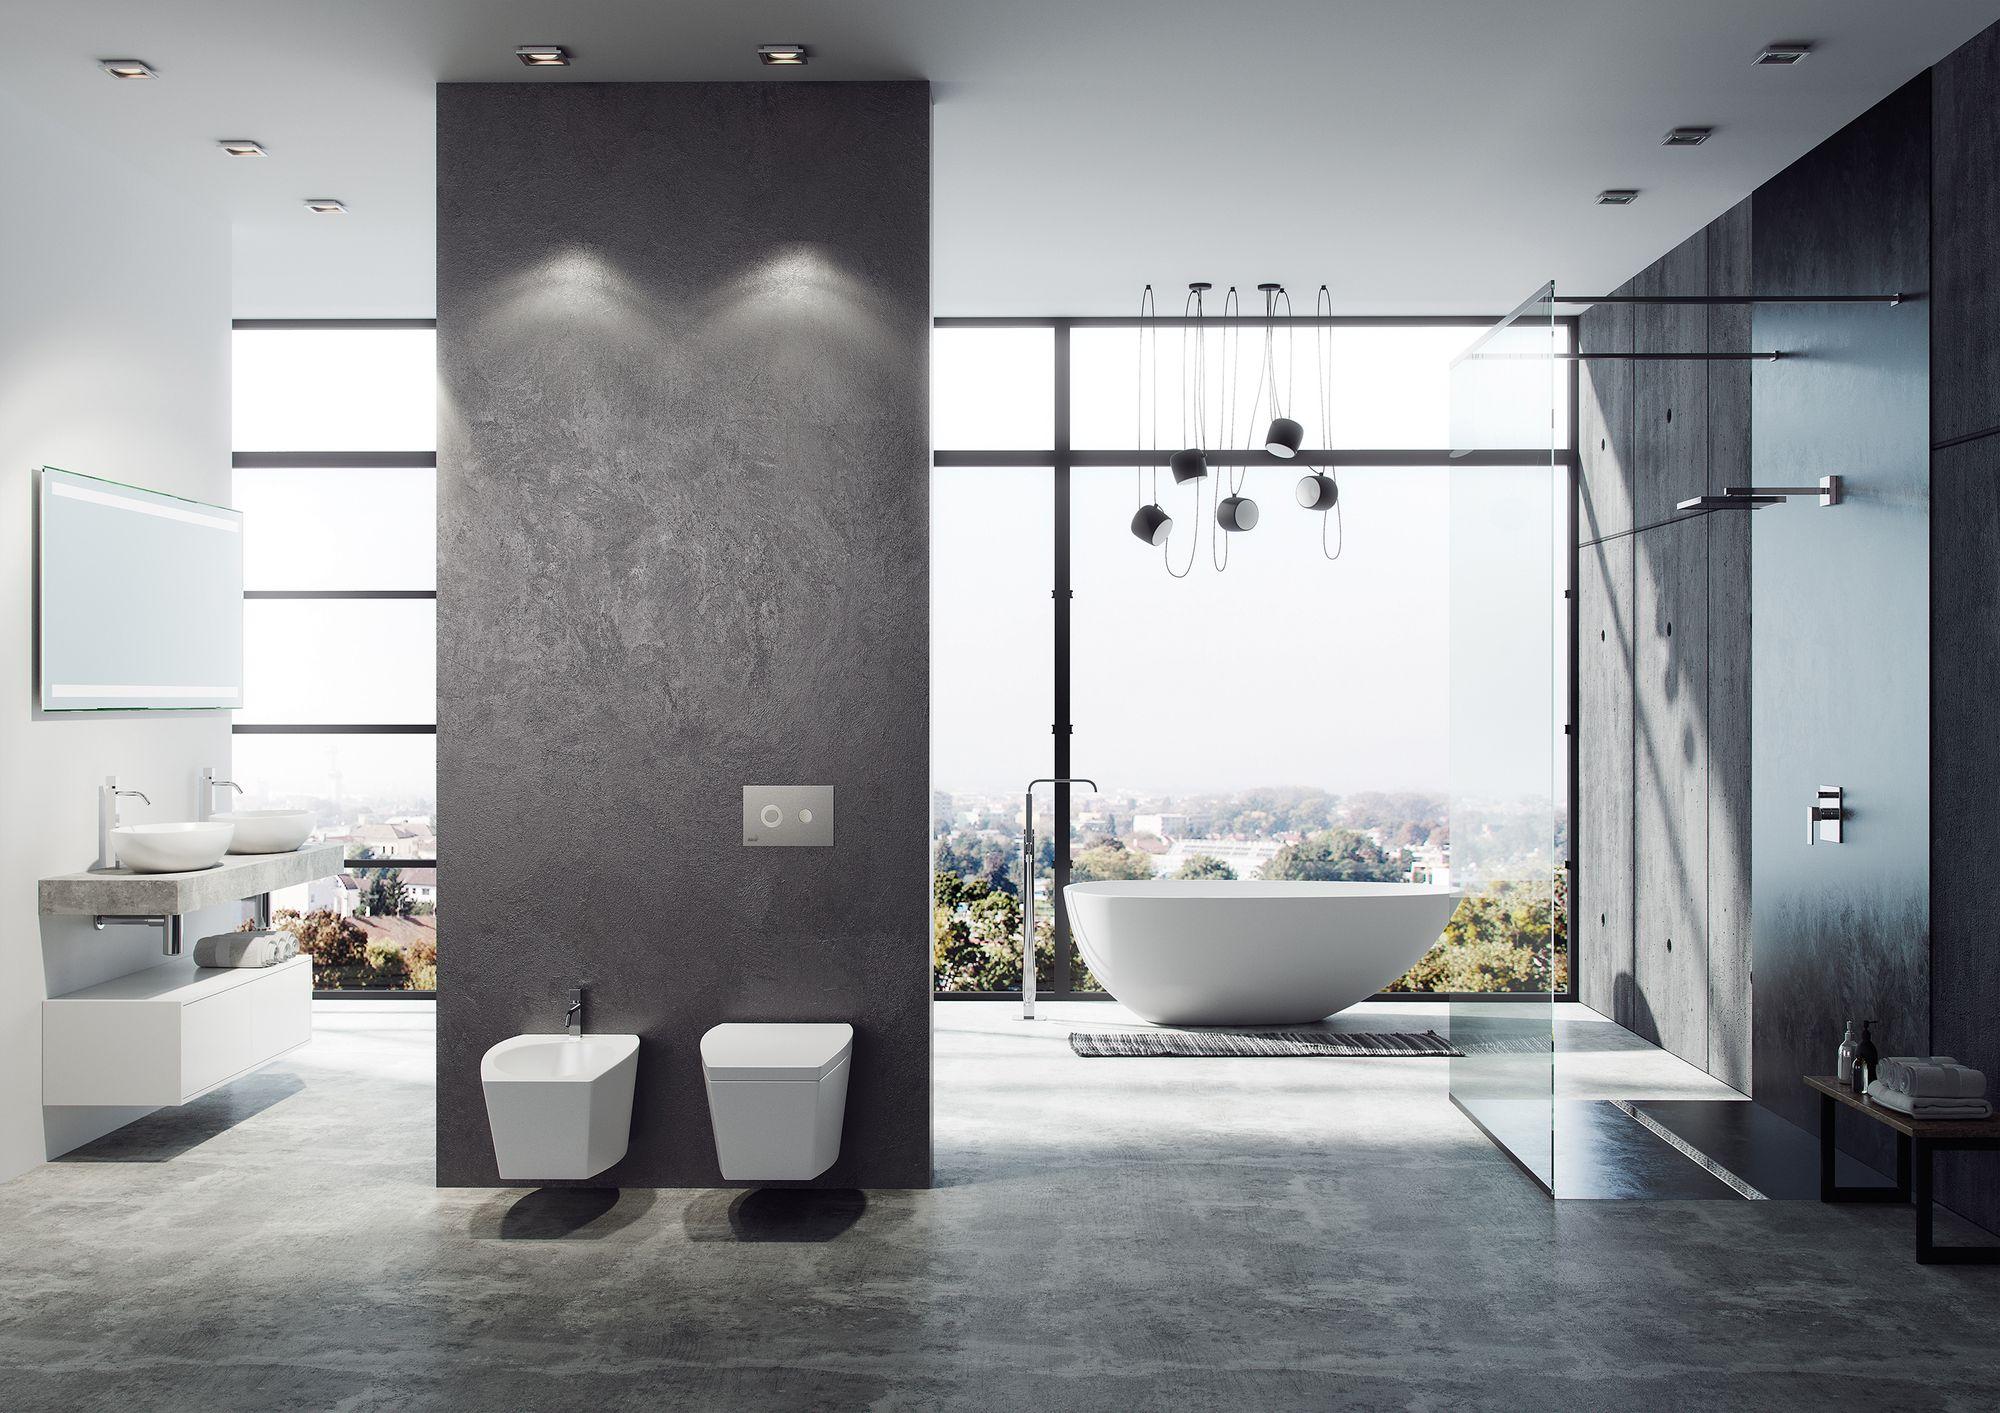 ایده طراحی سرویس بهداشتی مدرن طوسی سنگ سفید خاص